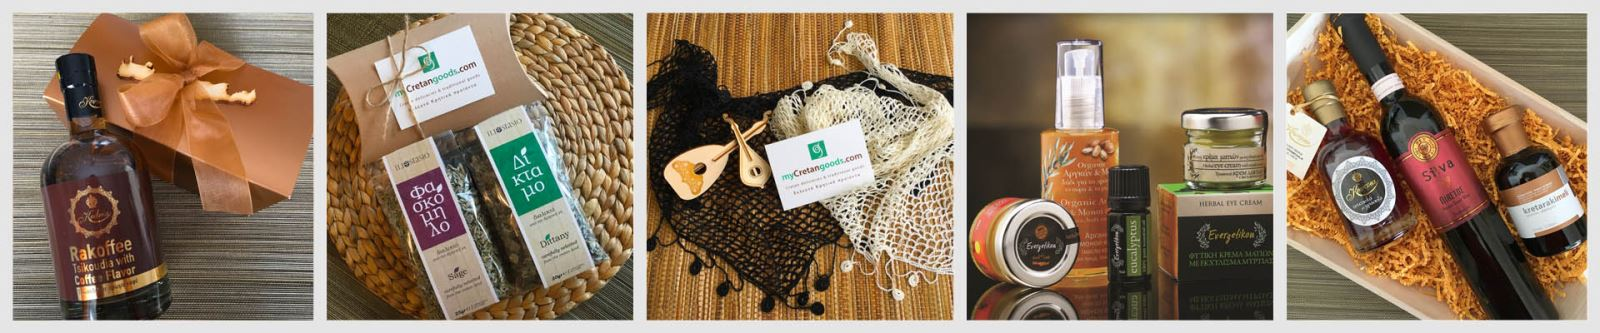 Κρητικά προϊόντα αγορά online mycretangoods.com